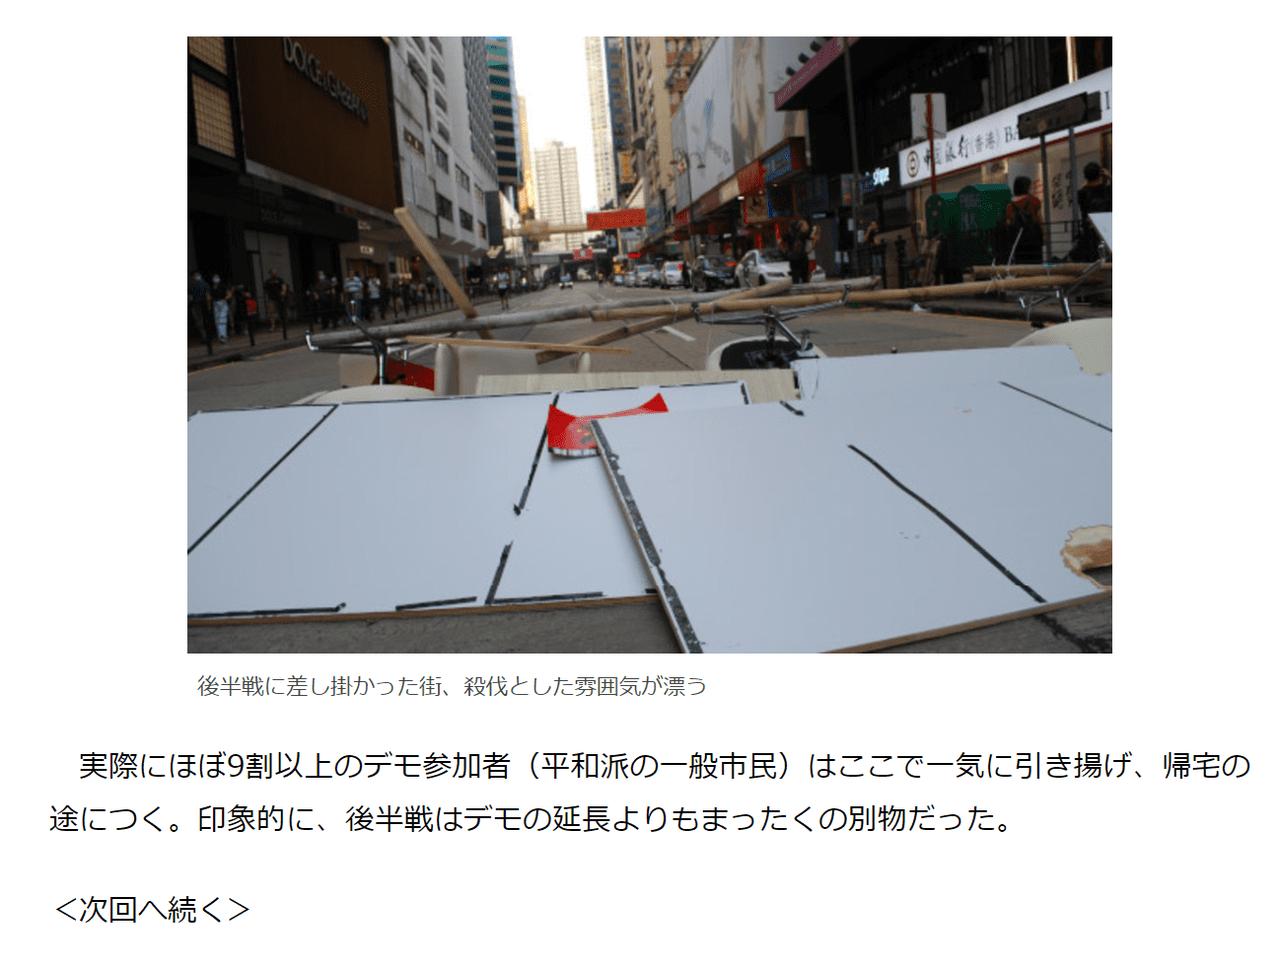 香港デモは暴徒の集まりなのか?現場取材で分かったこと9